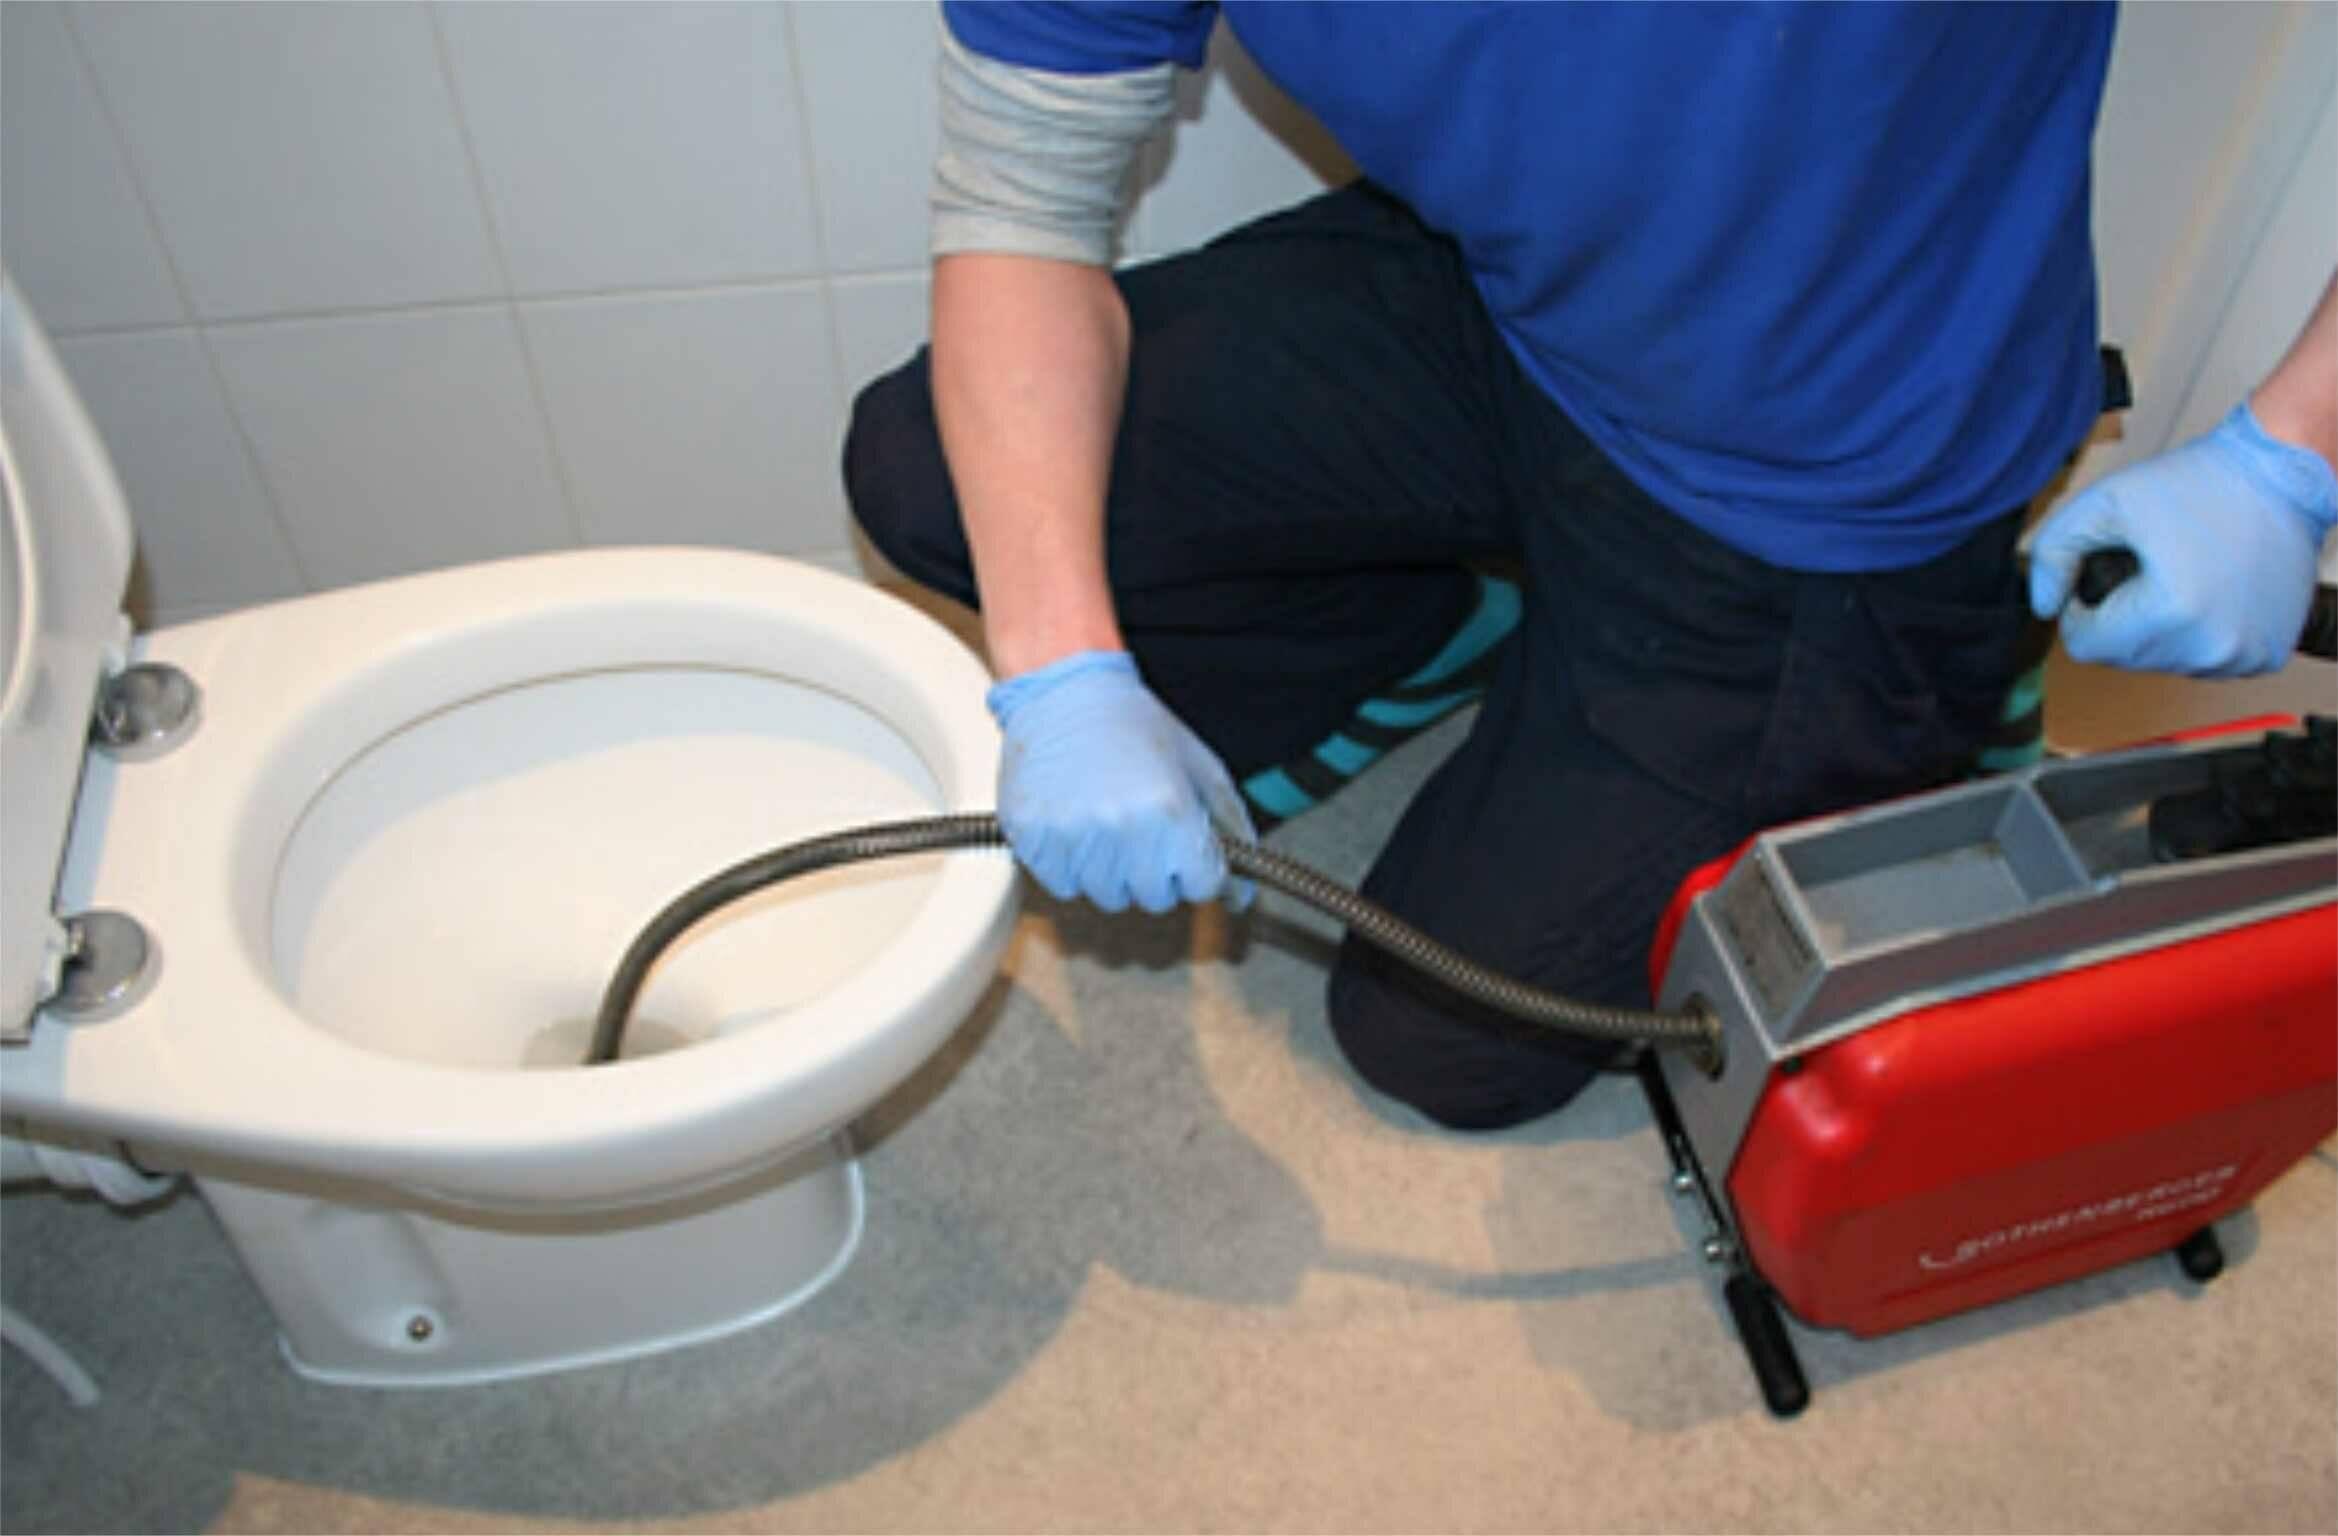 Промывка канализации: способы и средства, профилактика засоров промывка канализации: способы и средства, профилактика засоров